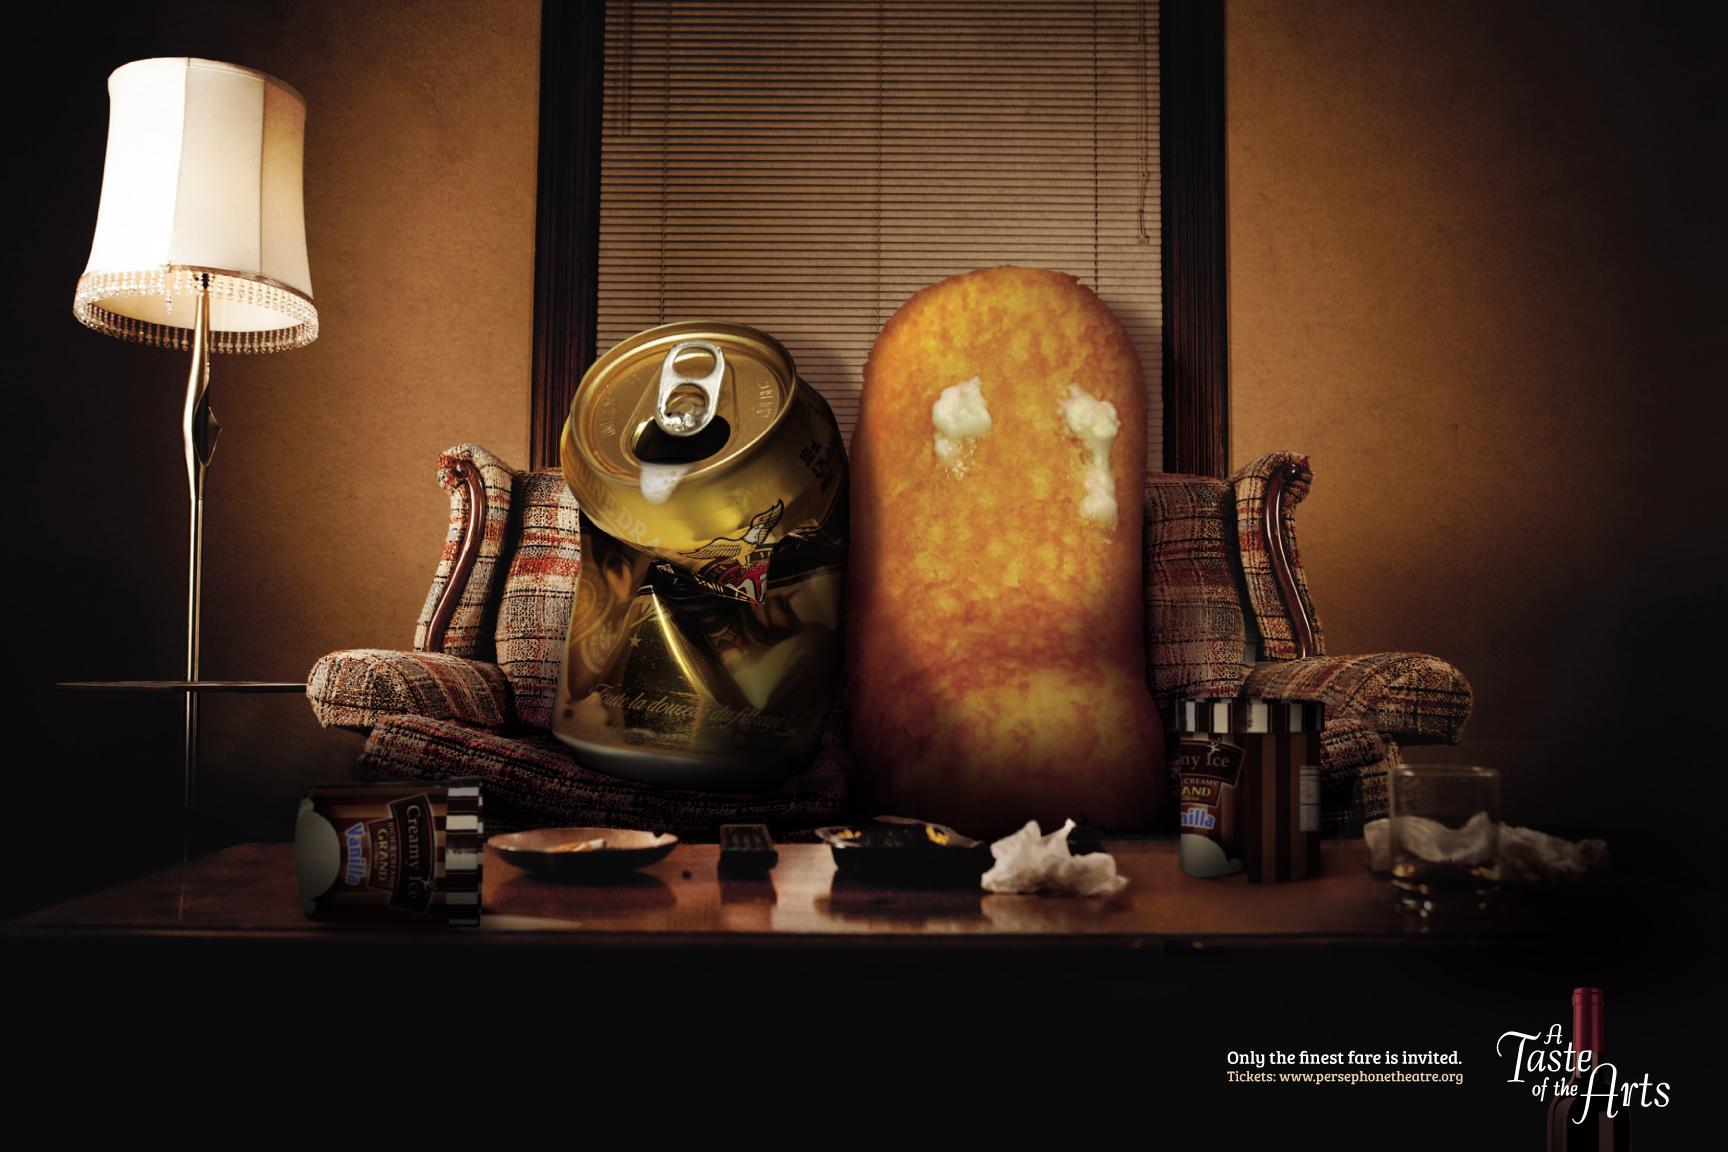 Taste of the Arts Print Ad -  The Uninvited